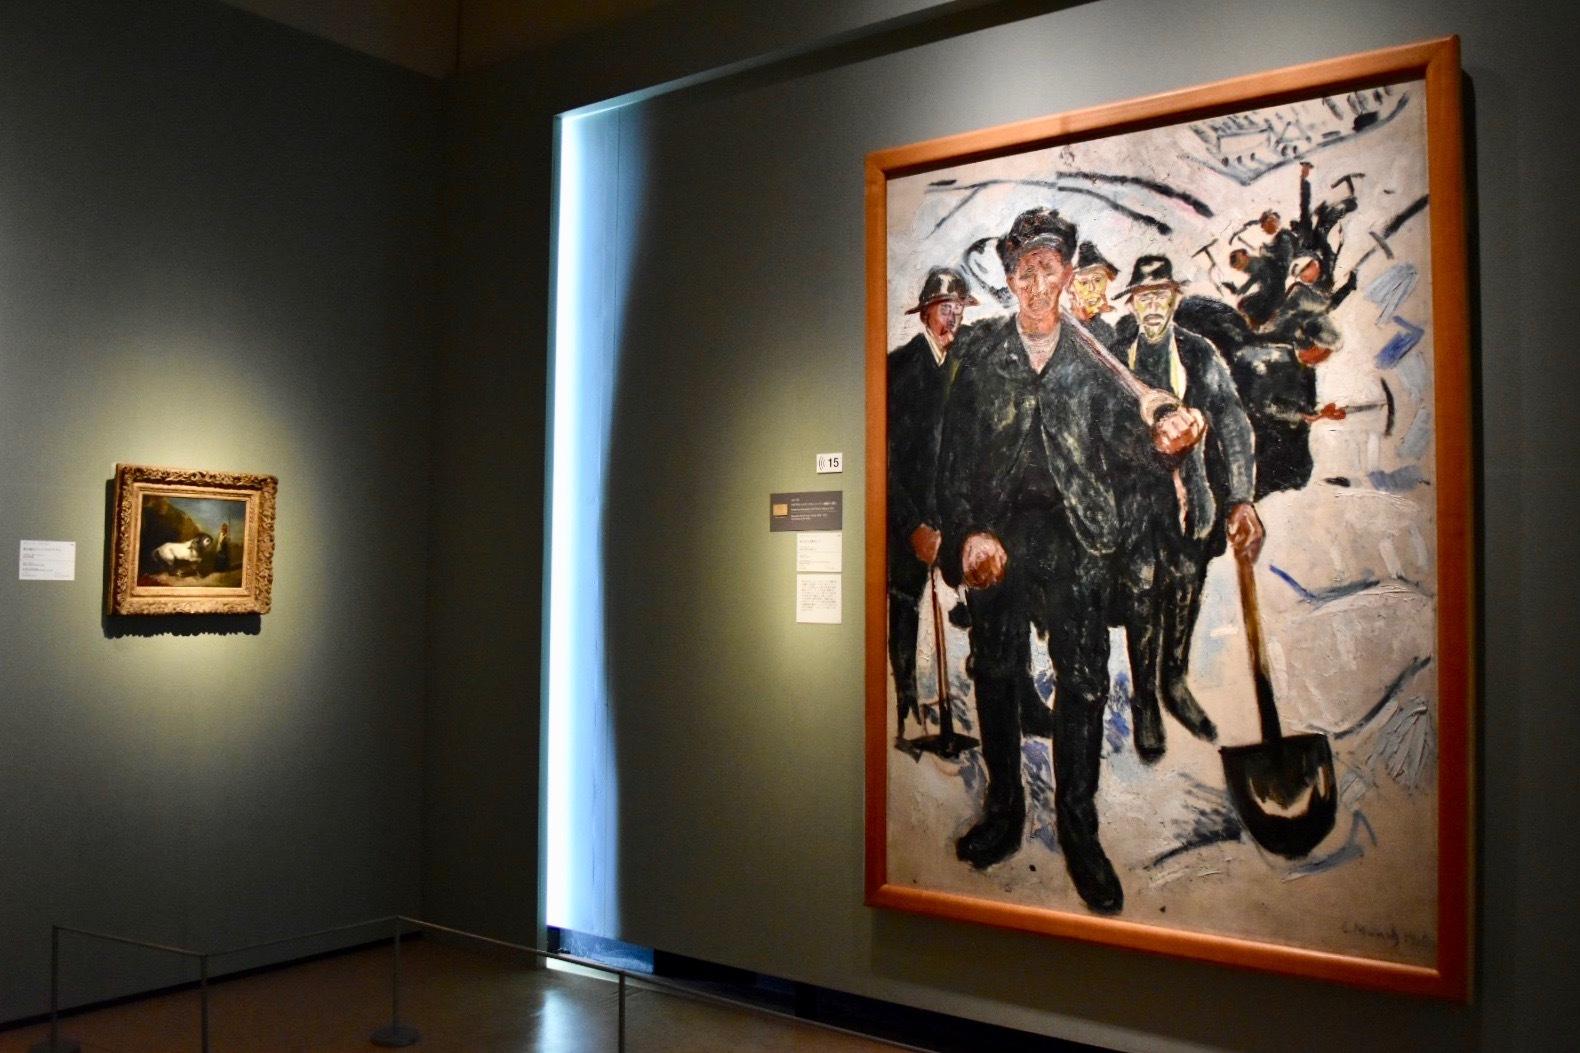 右:エドヴァルド・ムンク 《雪の中の労働者たち》 1910年 個人蔵(国立西洋美術館に寄託) 左:ウジェーヌ・ドラクロワ 《馬を連れたシリアのアラブ人》 1829年頃 国立西洋美術館蔵